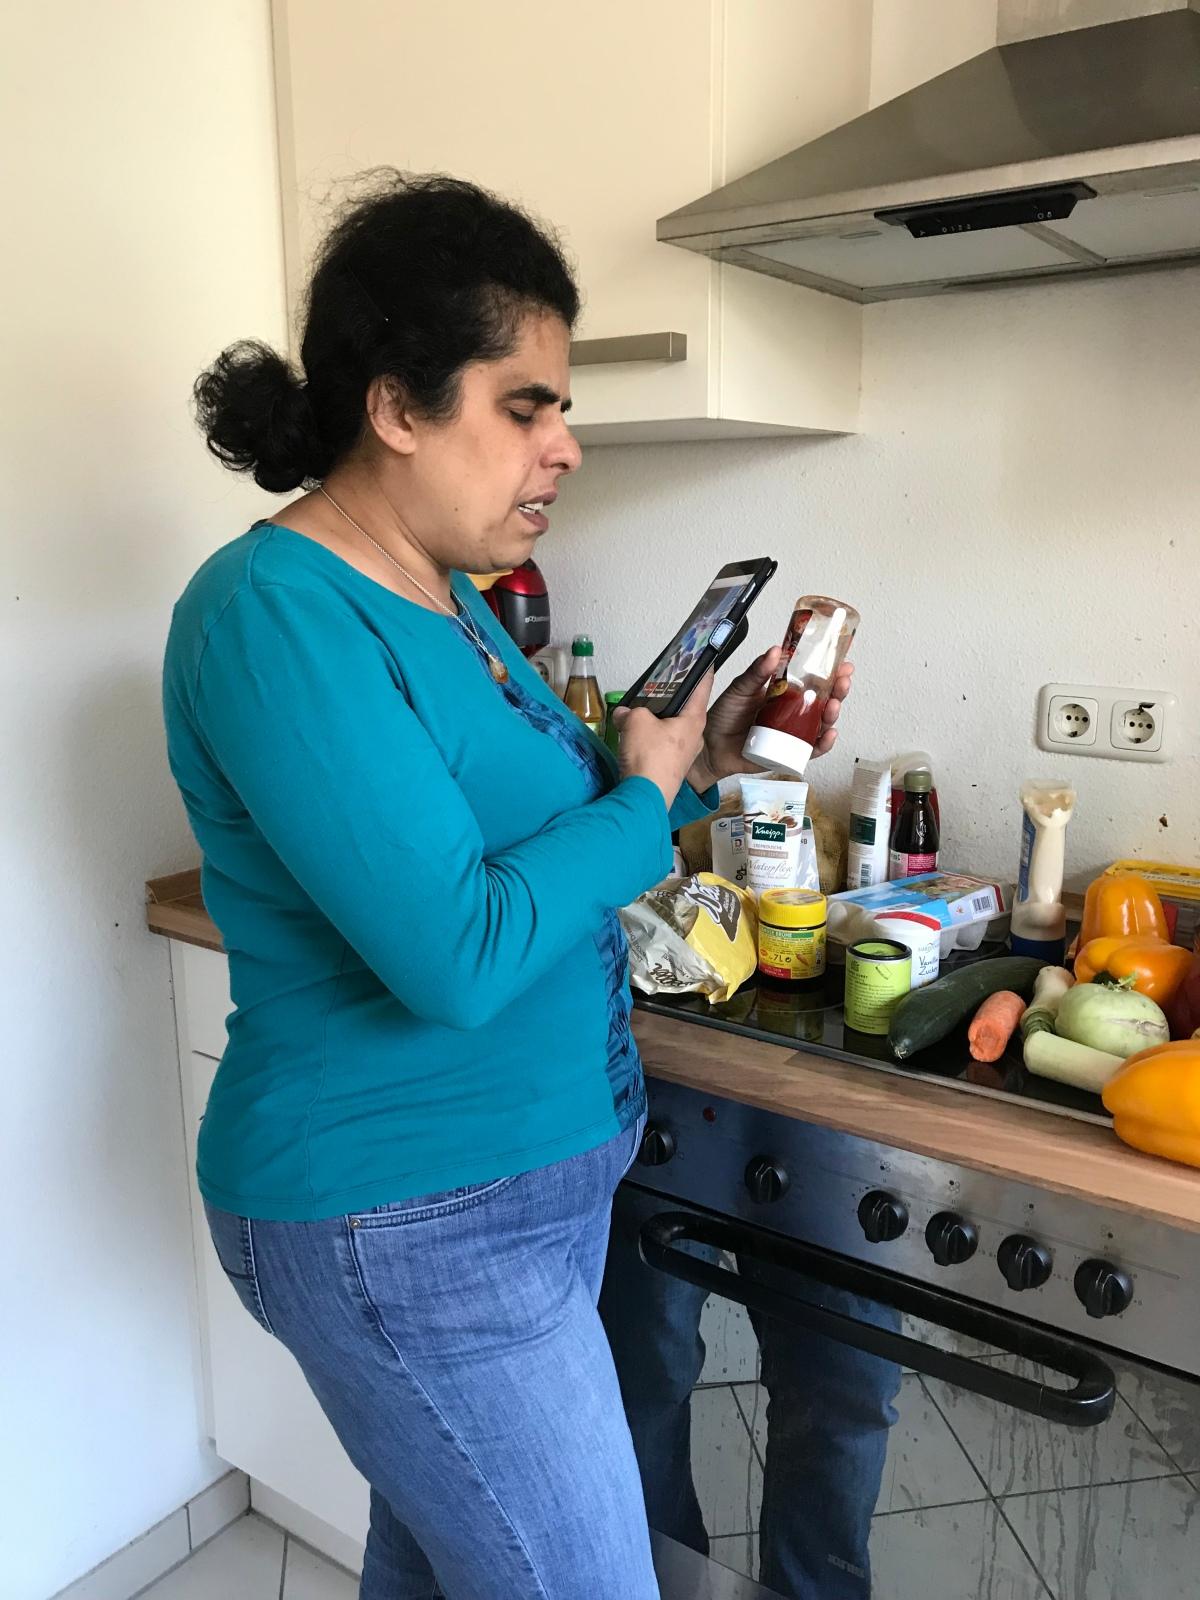 Lydia sortiert ihren Einkauf mit Hilfe des Smartphone